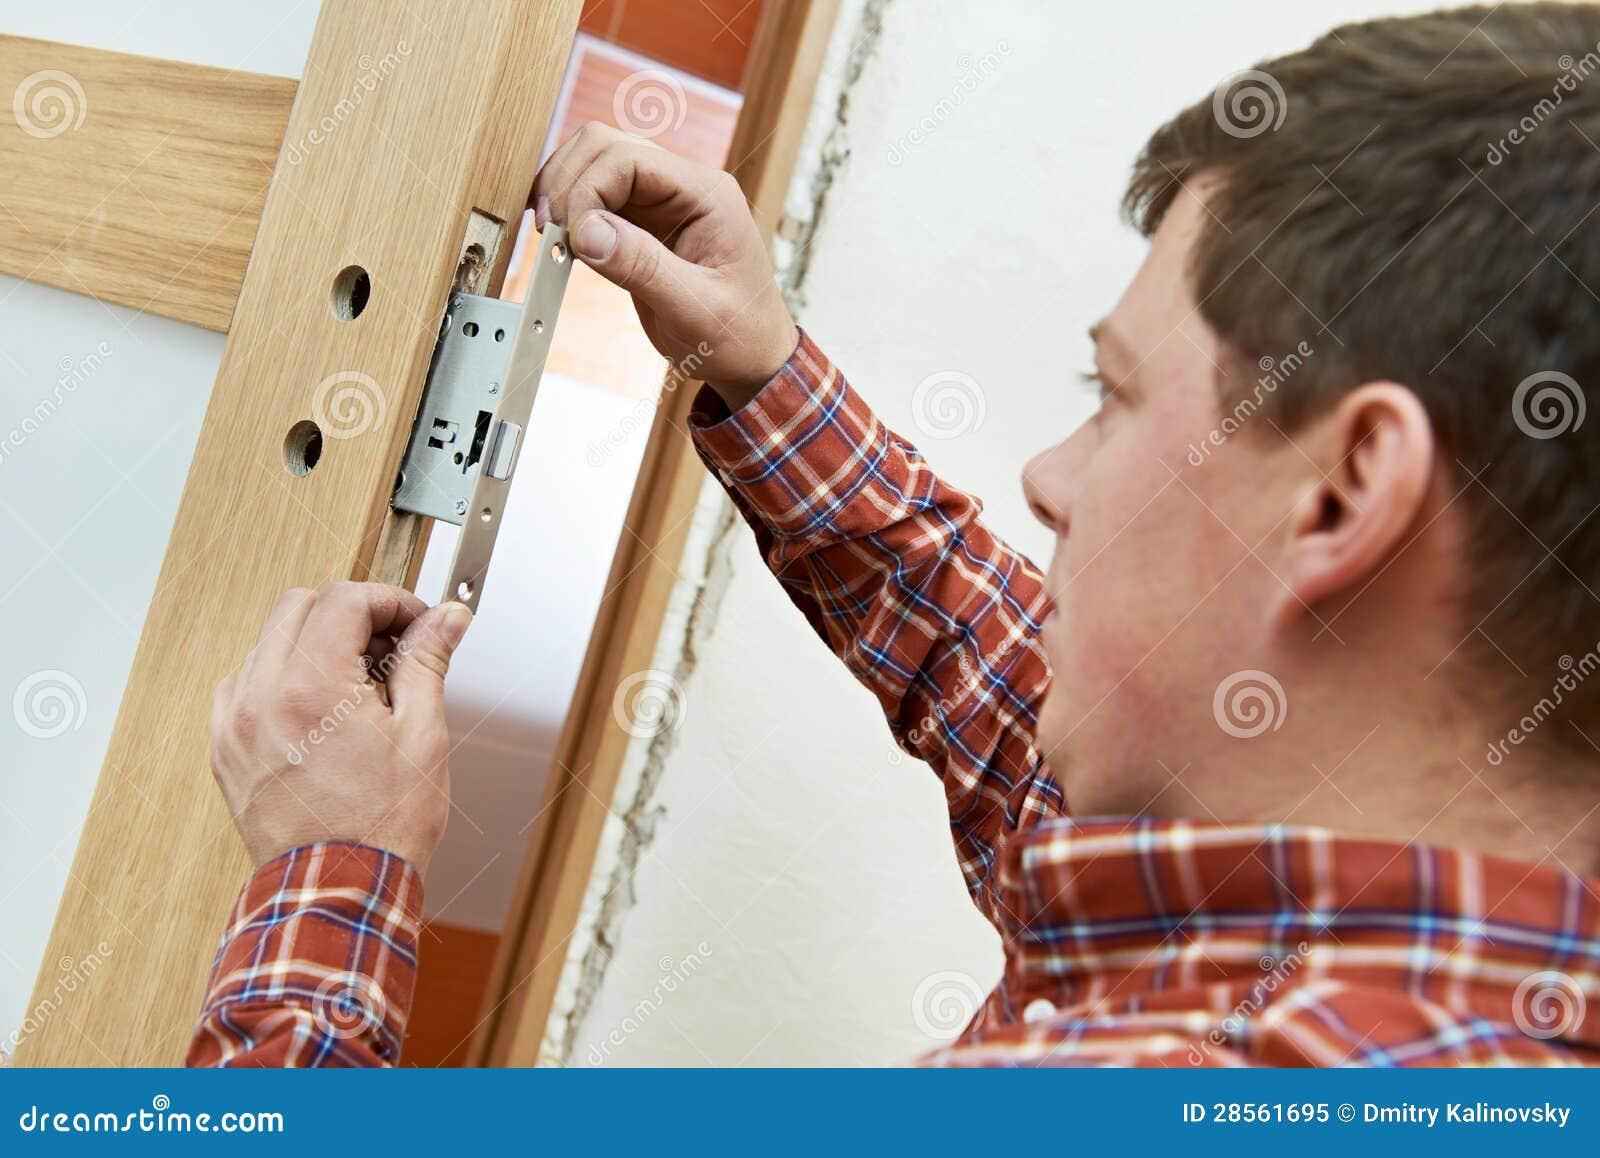 Carpintero en la instalación del bloqueo de puerta